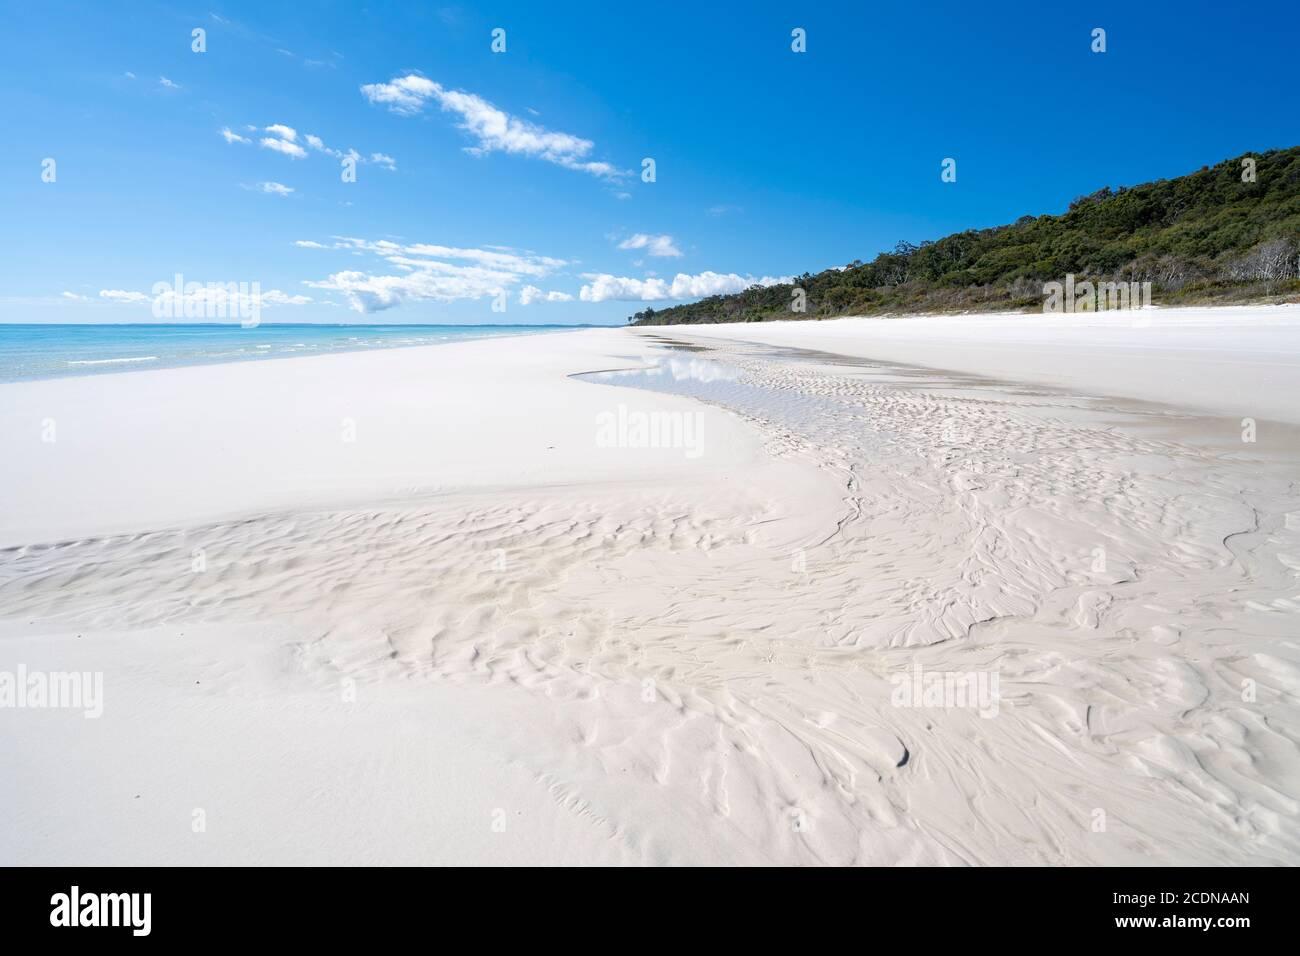 Playa de arena blanca y agua clara bajo el cielo azul, cerca de Awinya Creek, costa oeste de Fraser Island, Hervey Bay Queensland Australia Foto de stock